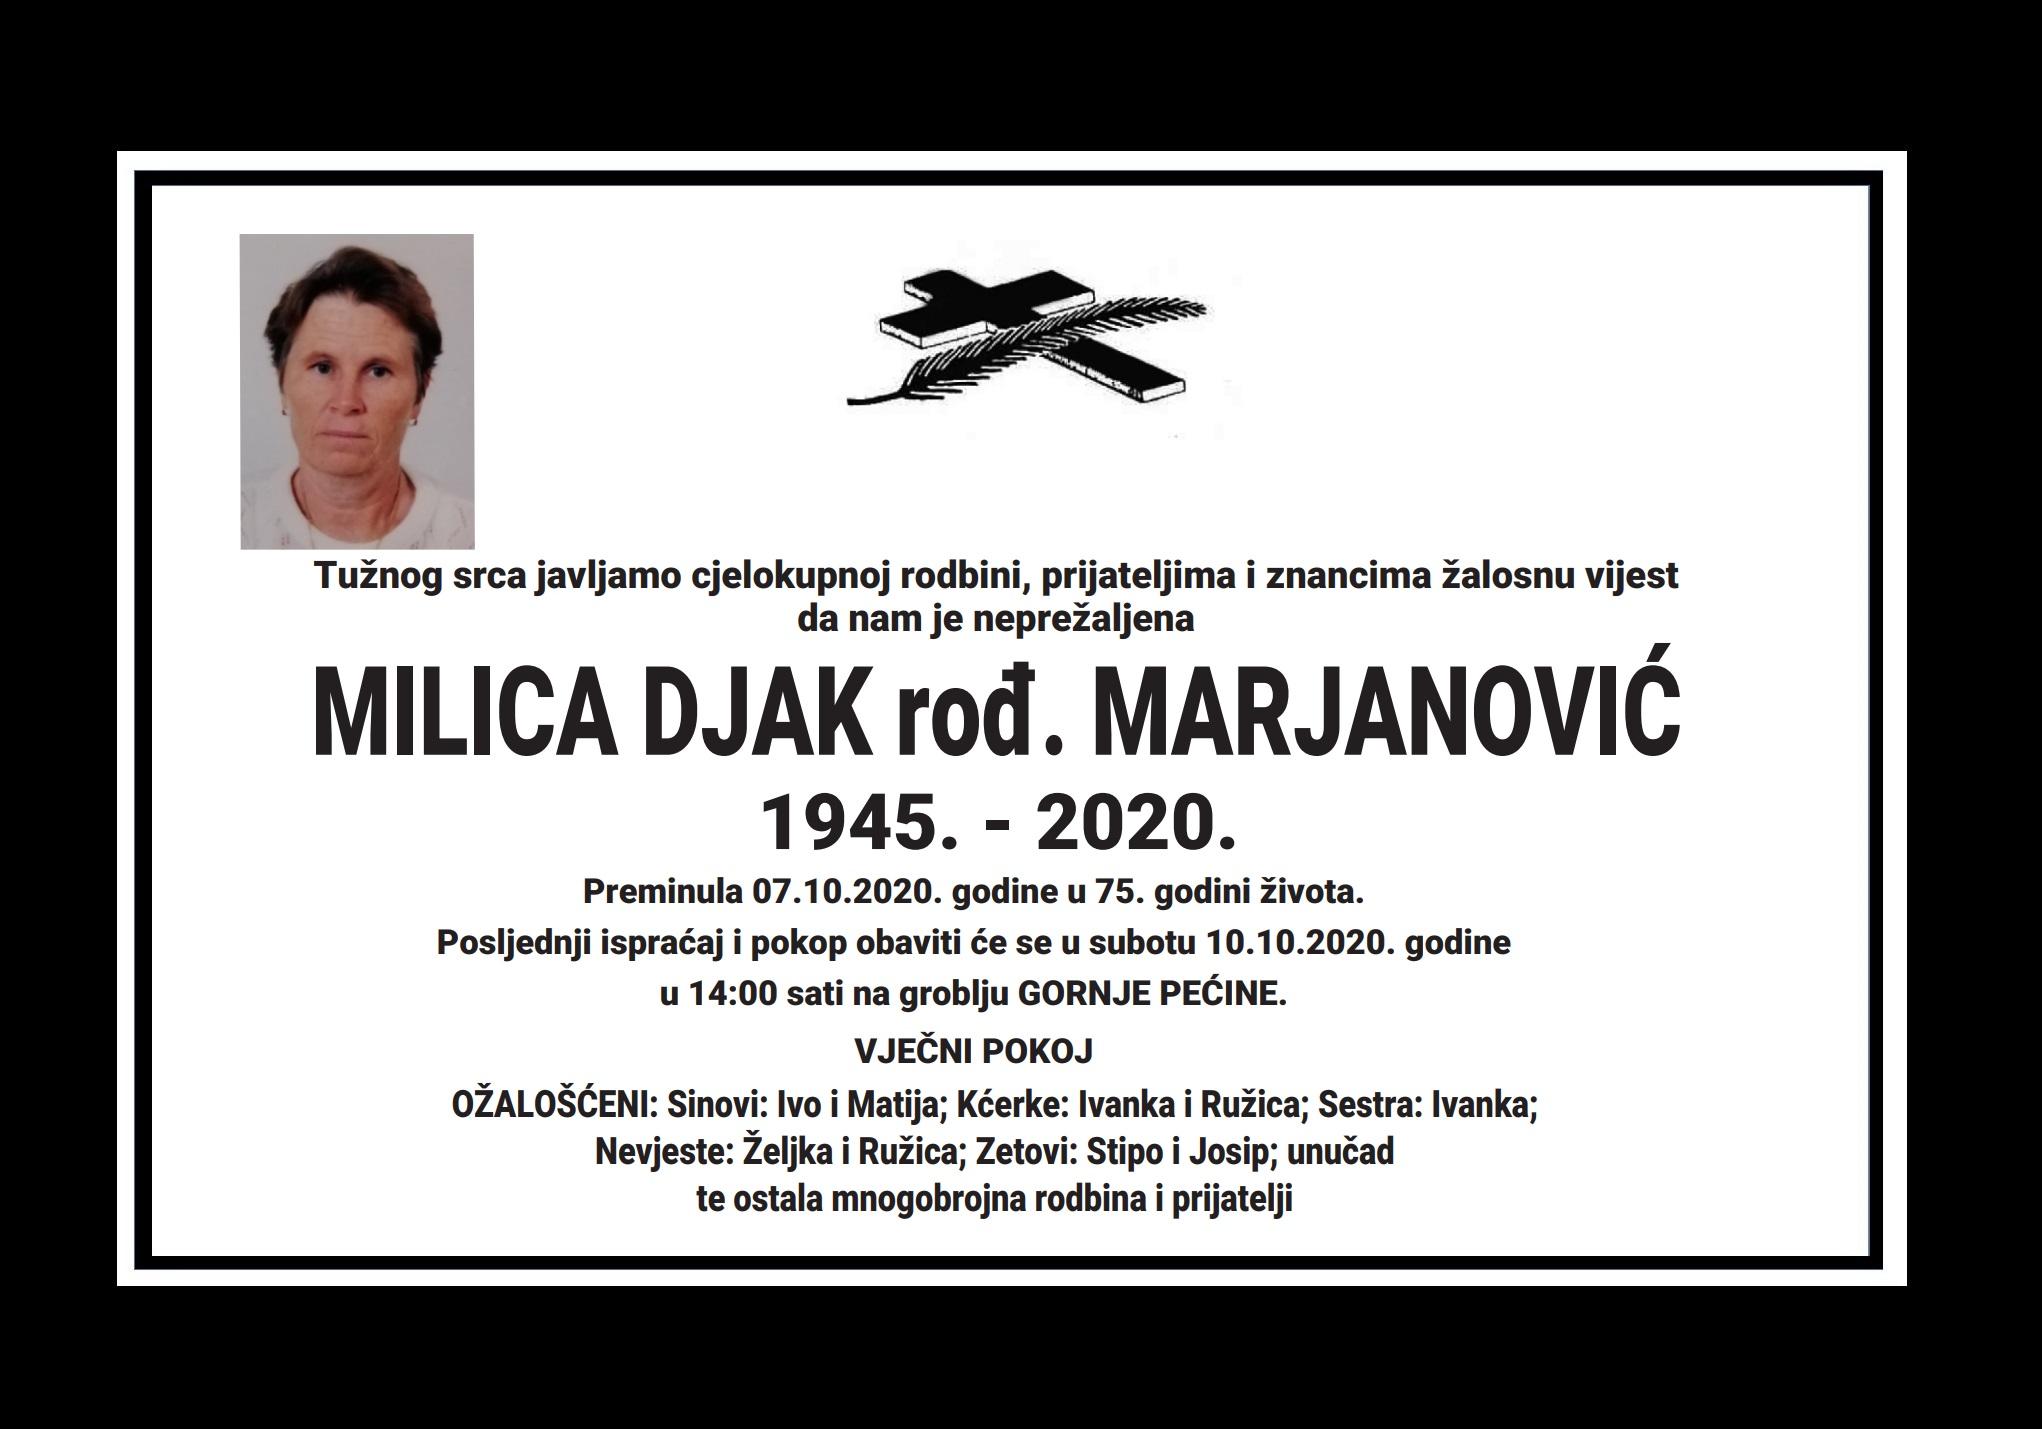 Milica Djak rođ. Marjanović